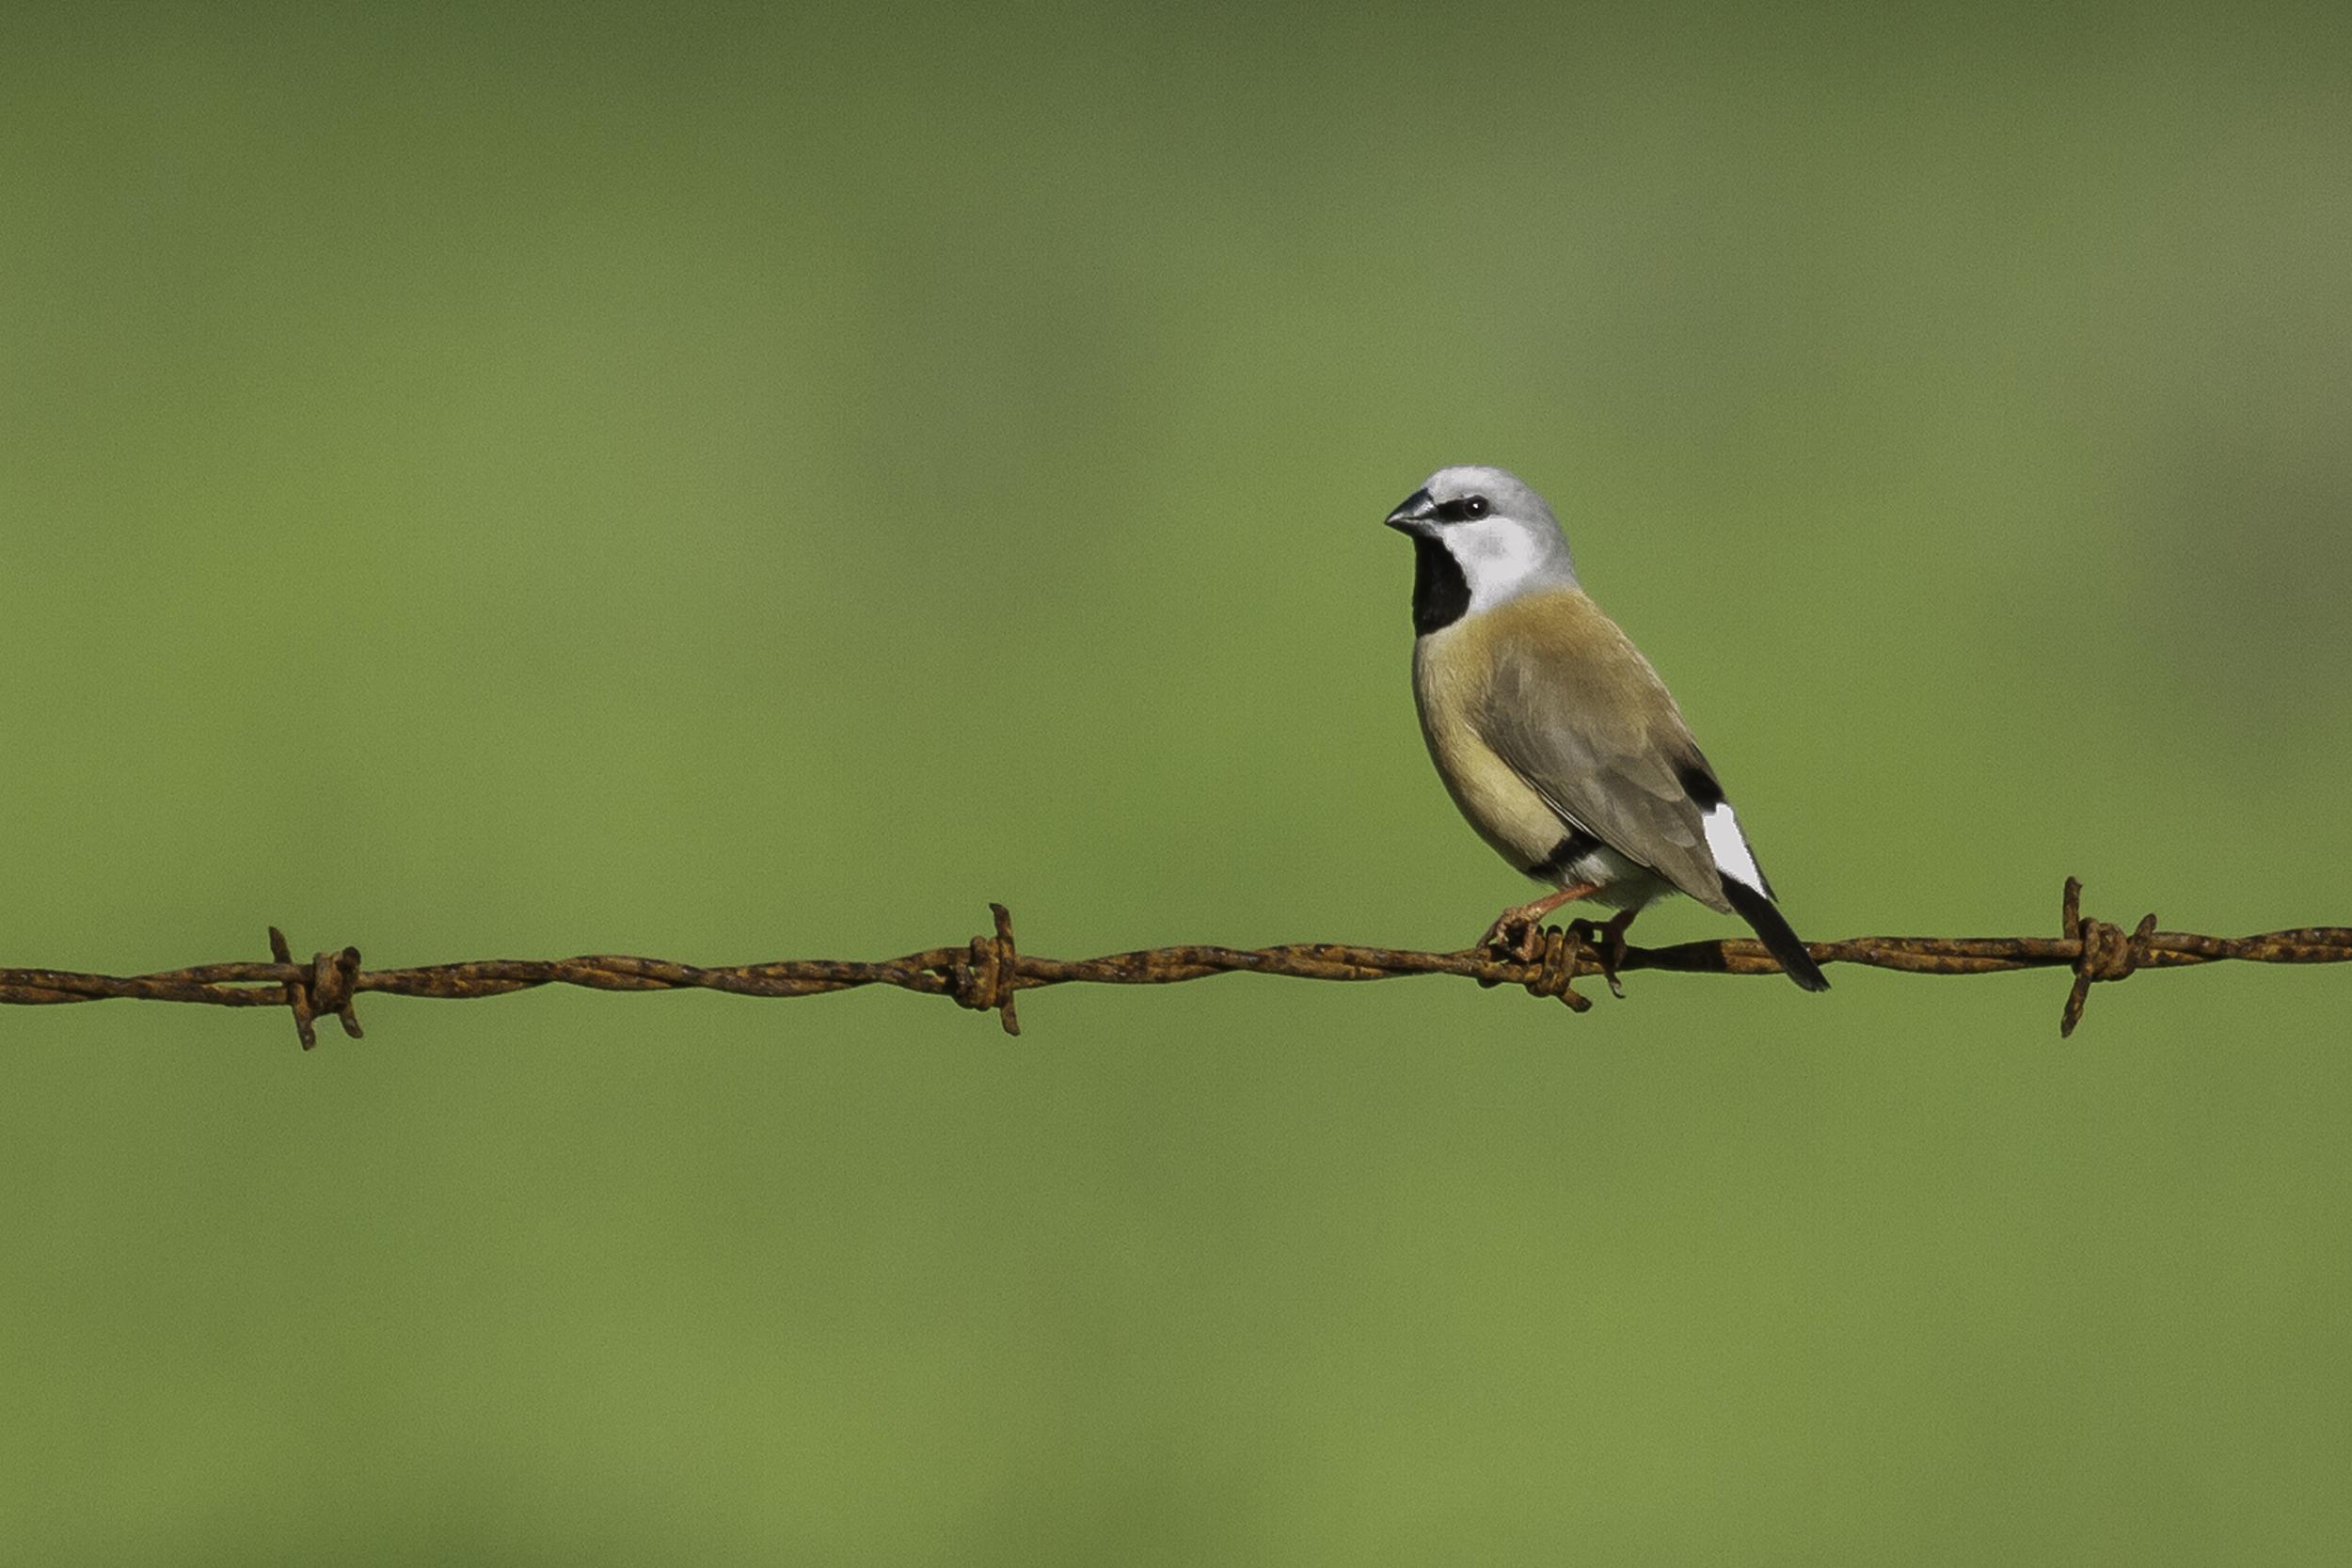 Black-throated Finch 2 - web edit.jpg